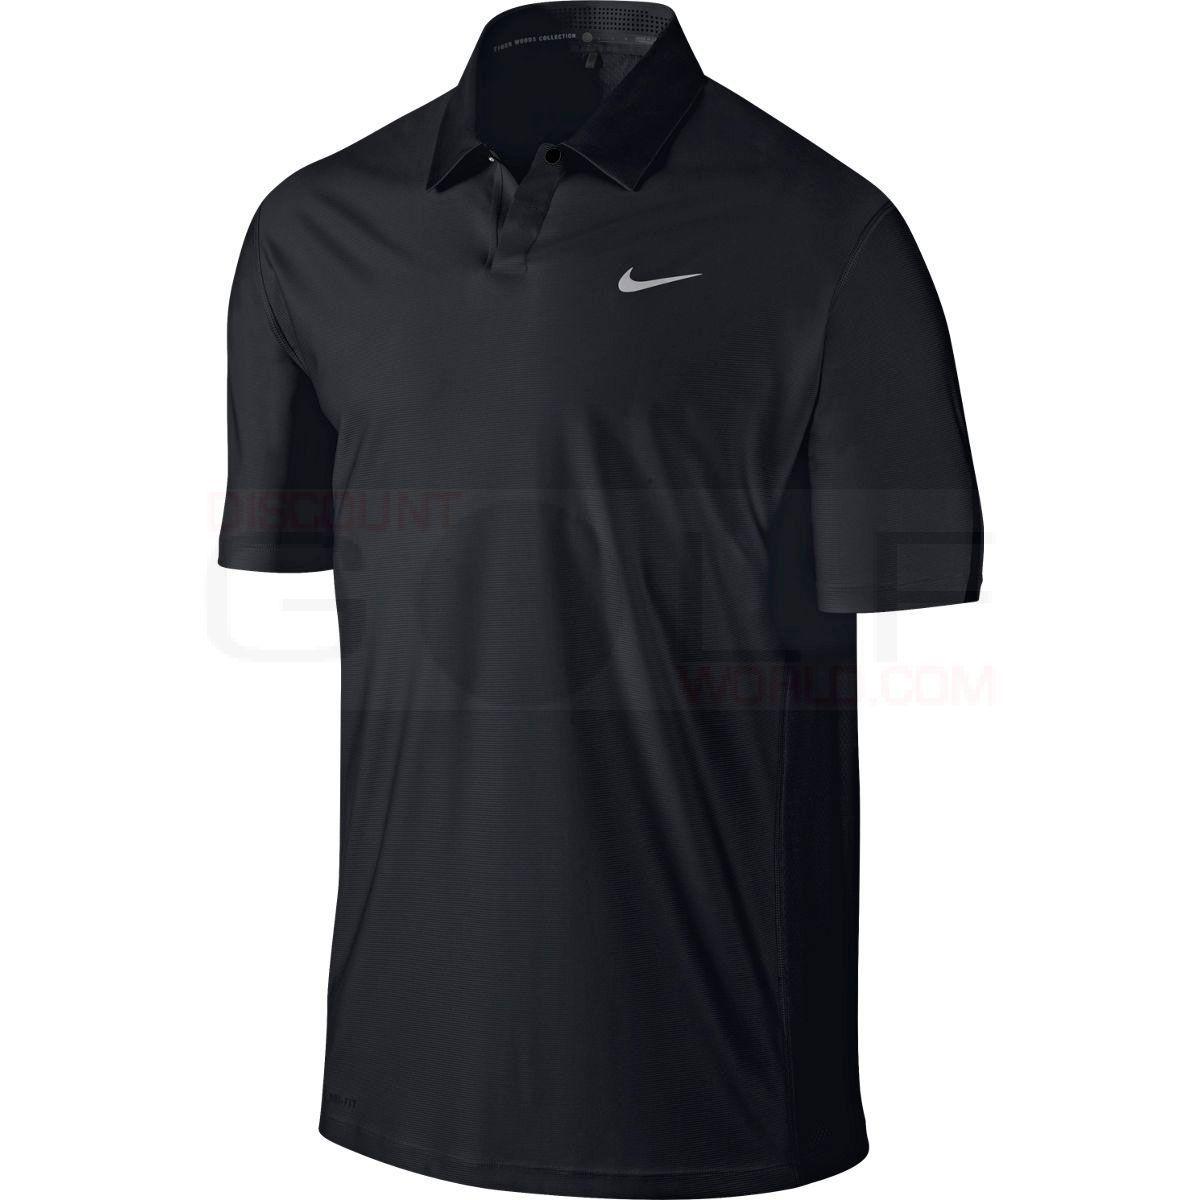 13++ Cheap tiger woods golf shirts info